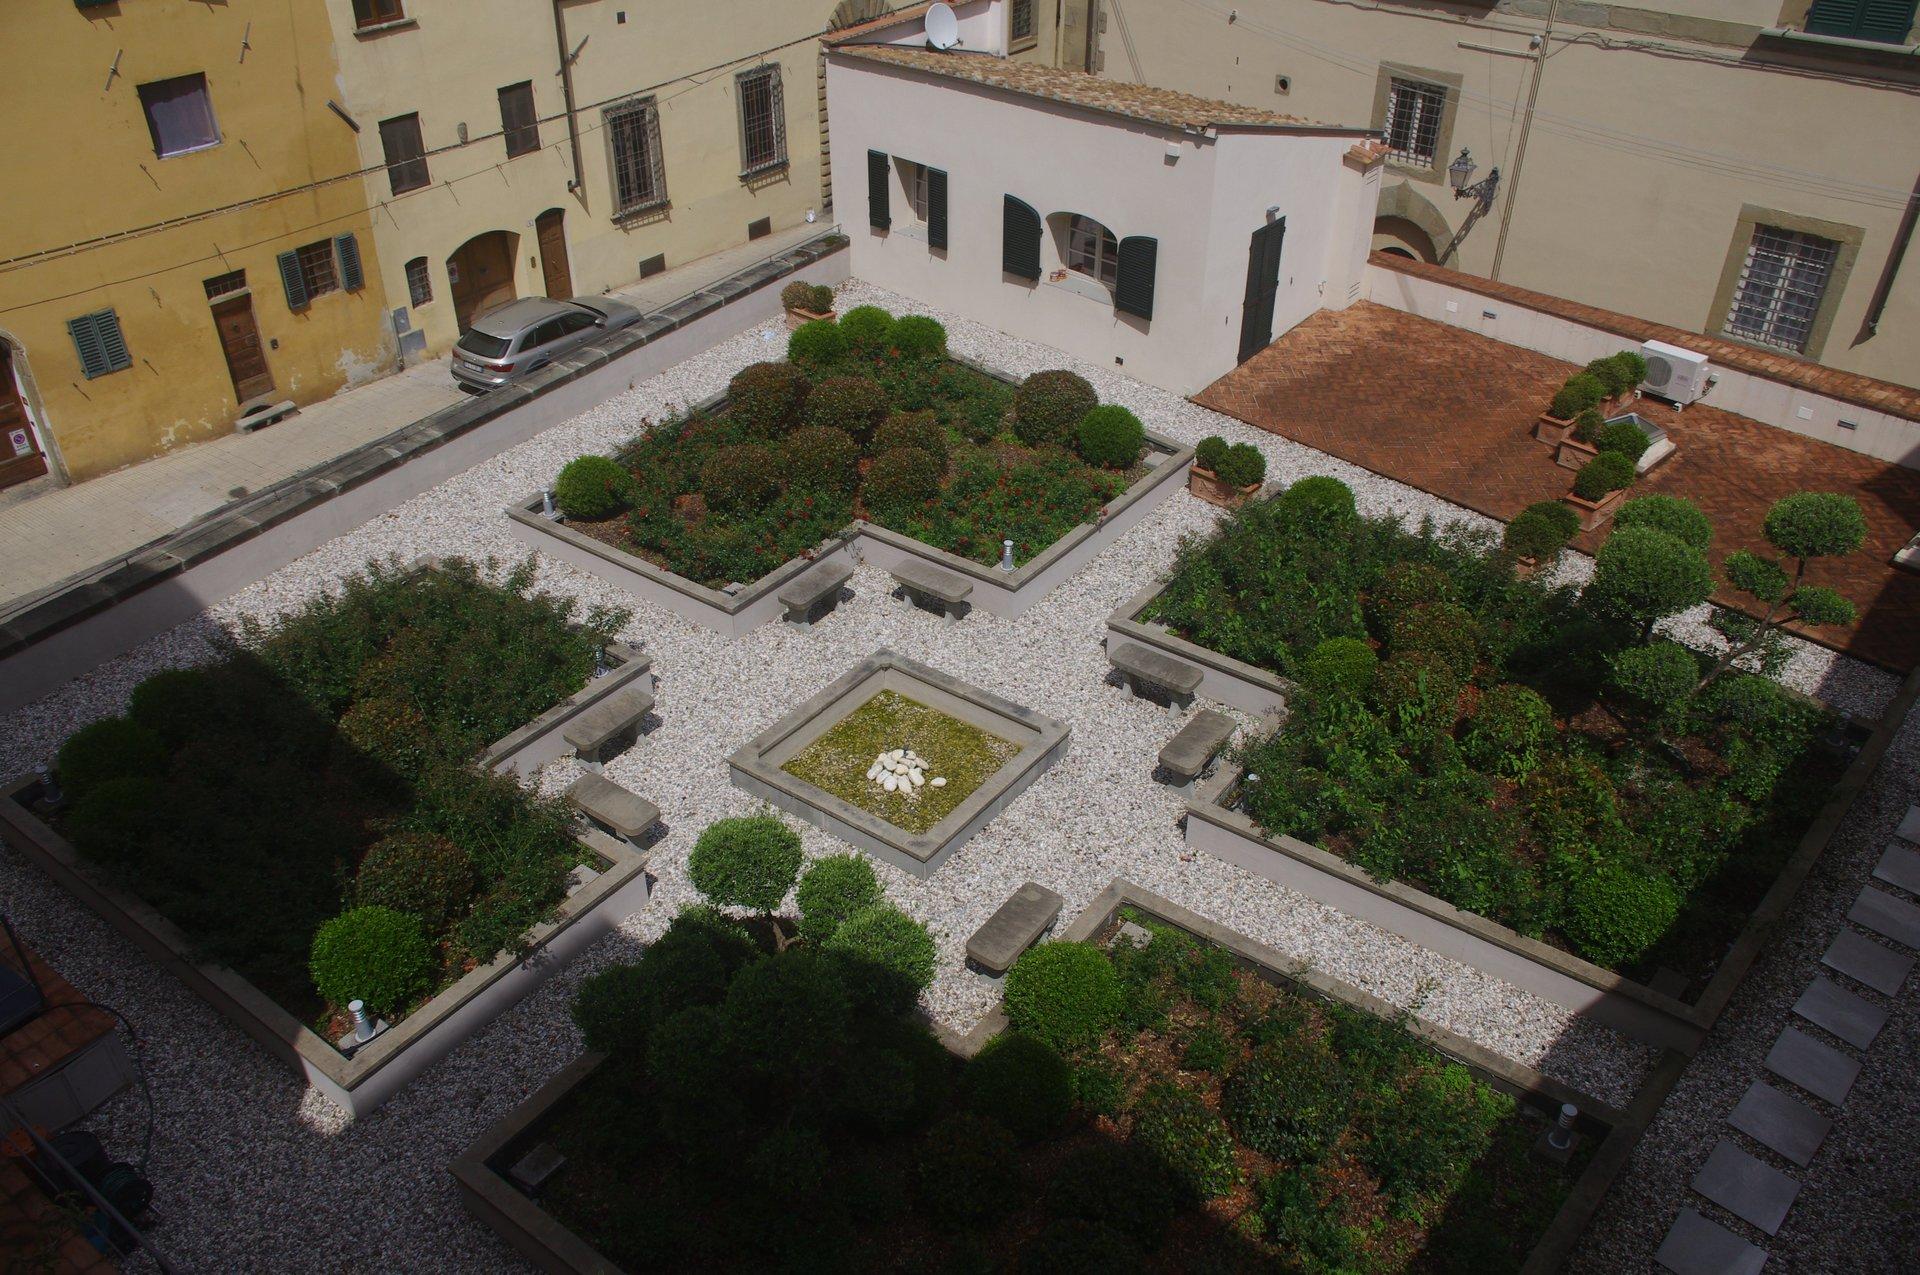 una piazza con quattro aiuole di piante e in mezzo delle panchine